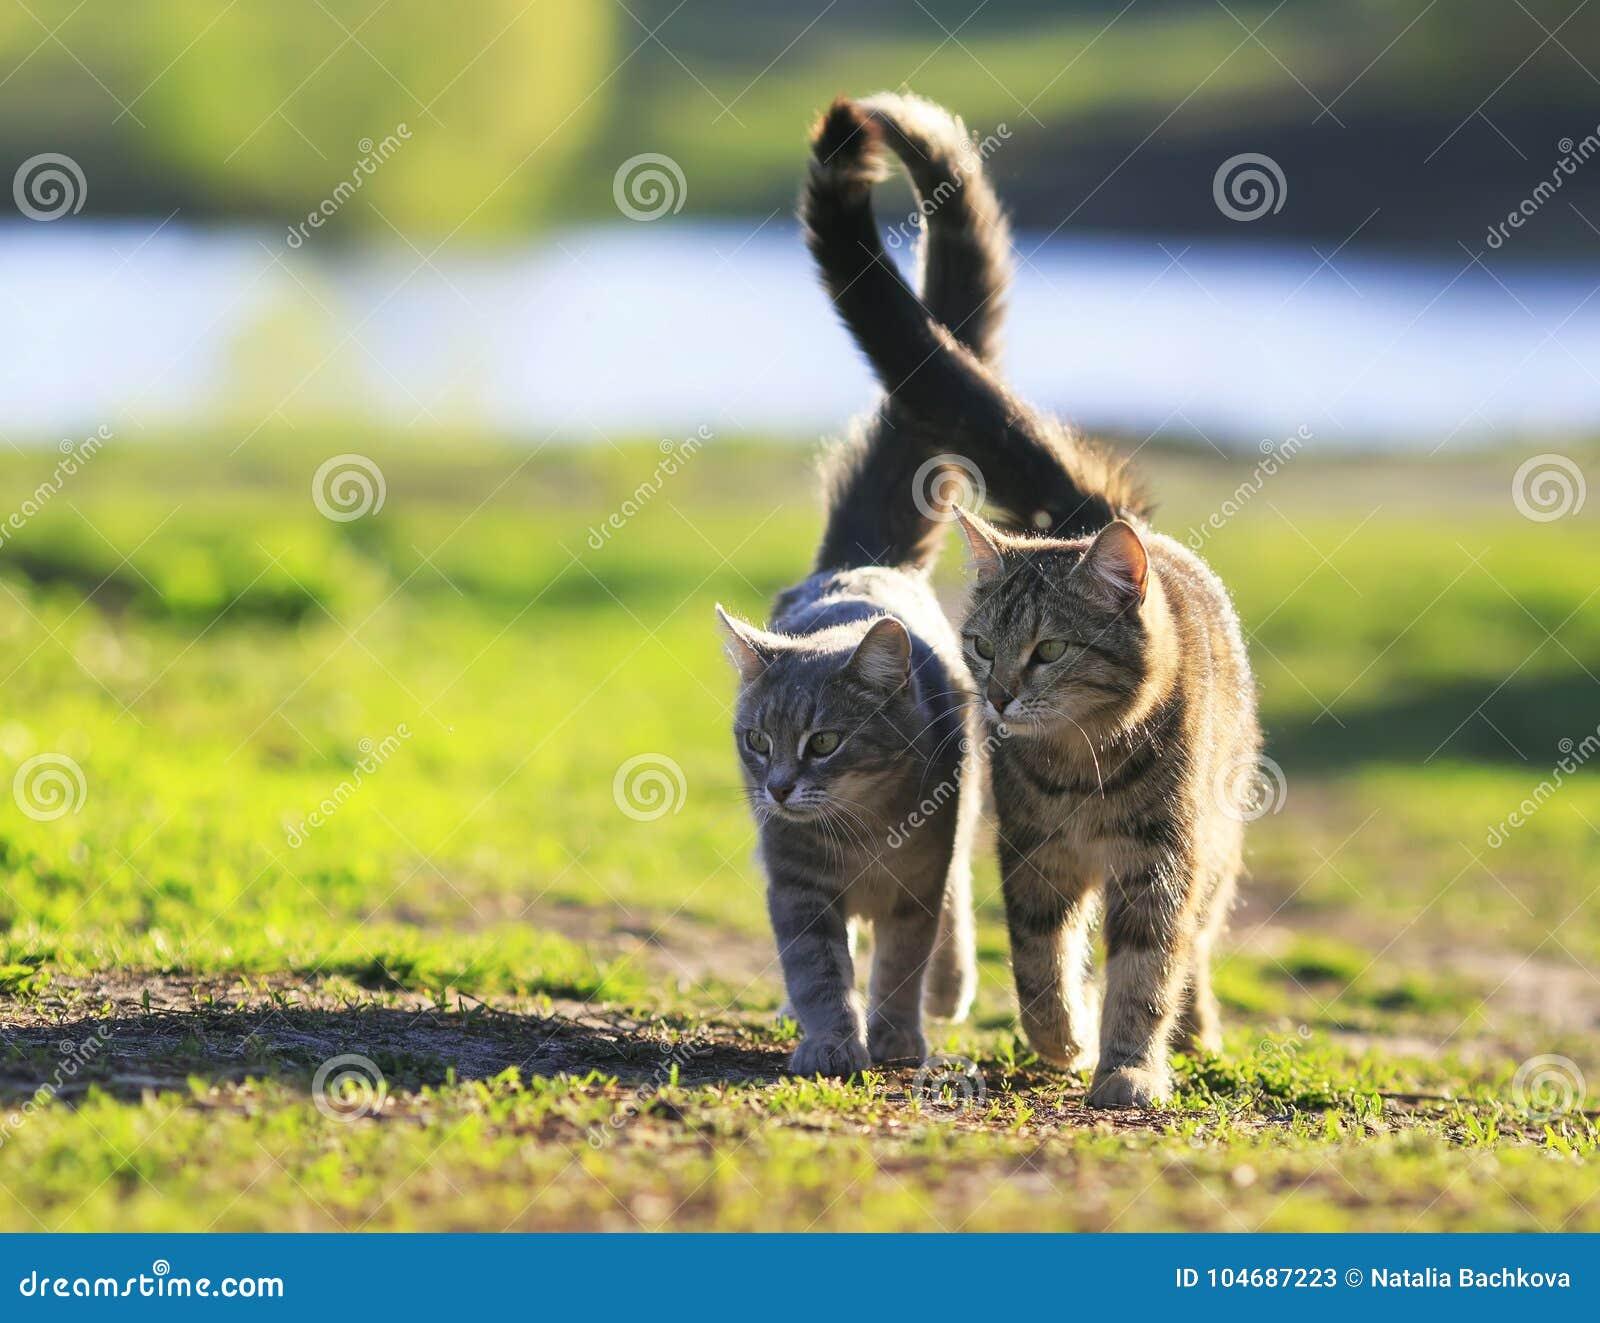 Los amantes juntan el paseo de gatos rayado juntos en prado verde en Sunn